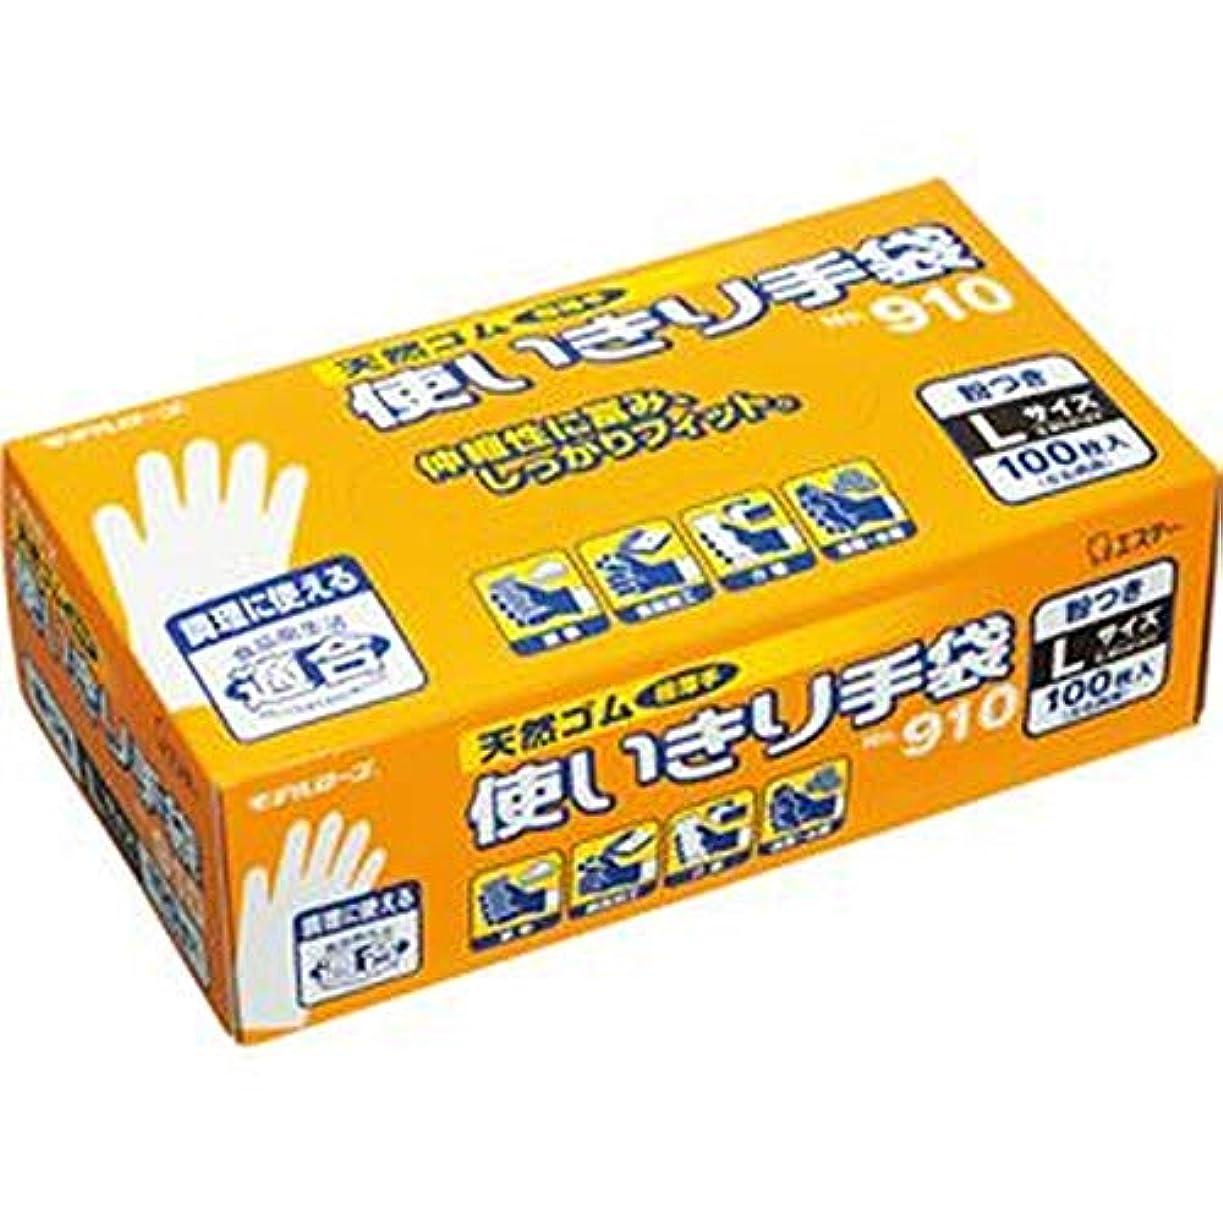 気楽な行為慎重- まとめ - / エステー/No.910 / 天然ゴム使いきり手袋 - 粉付 - / L / 1箱 - 100枚 - / - ×5セット -